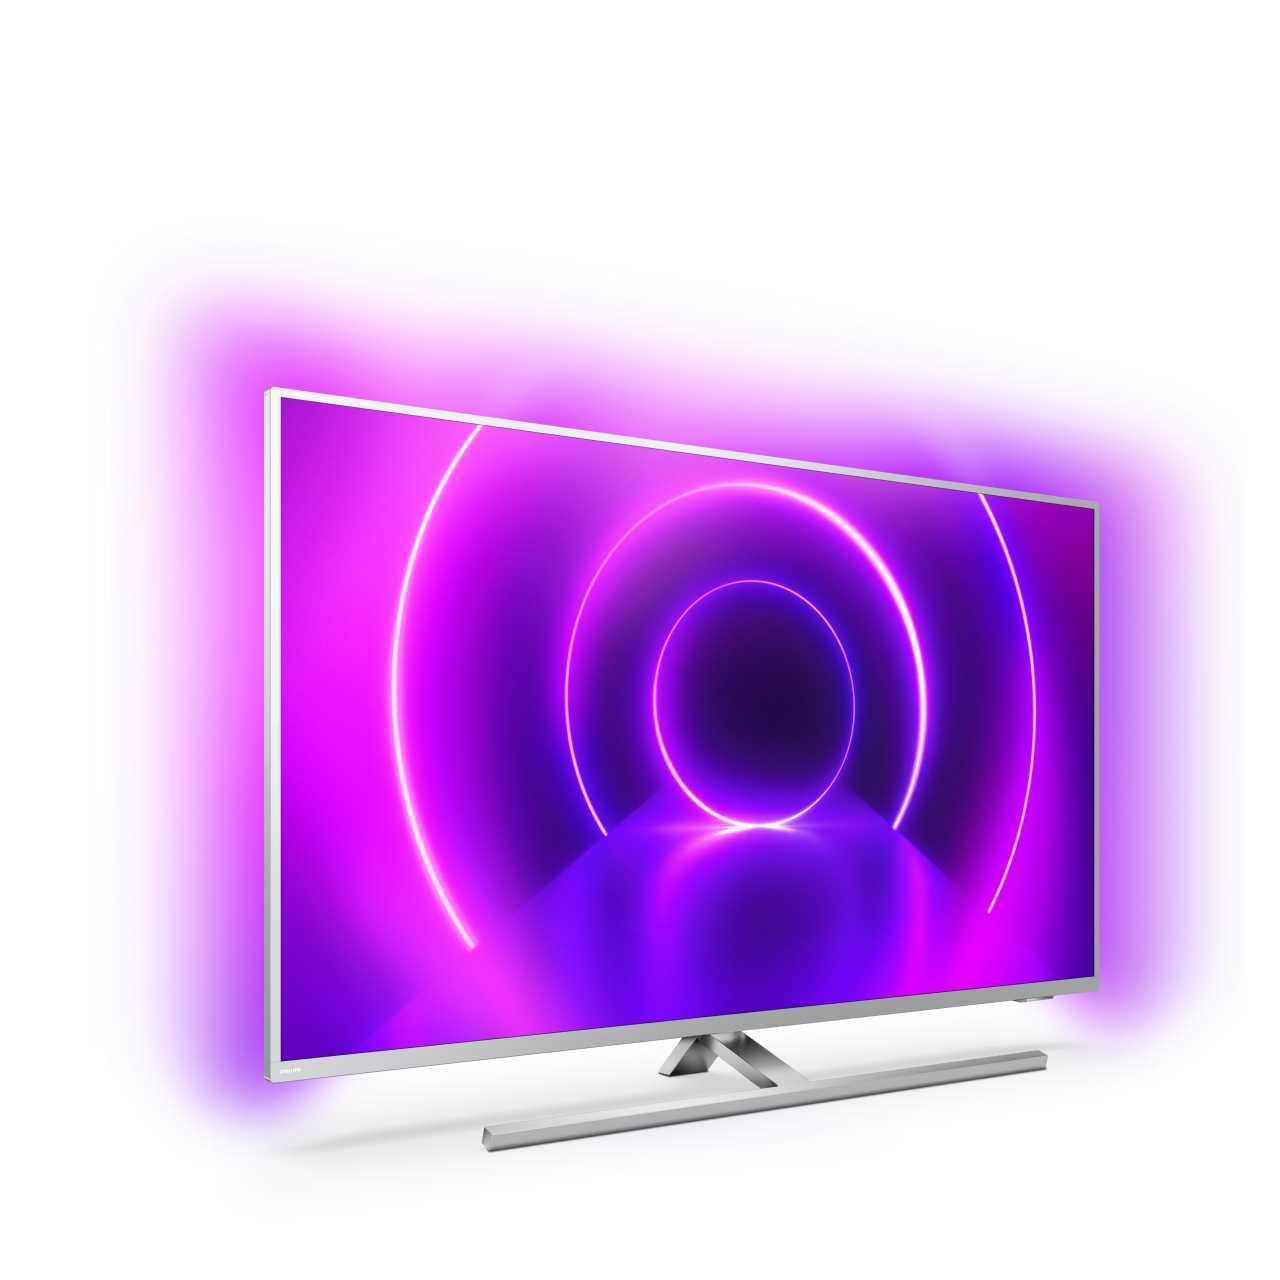 Philips TV & Sound: 5 idee per un regalo di Natale perfetto